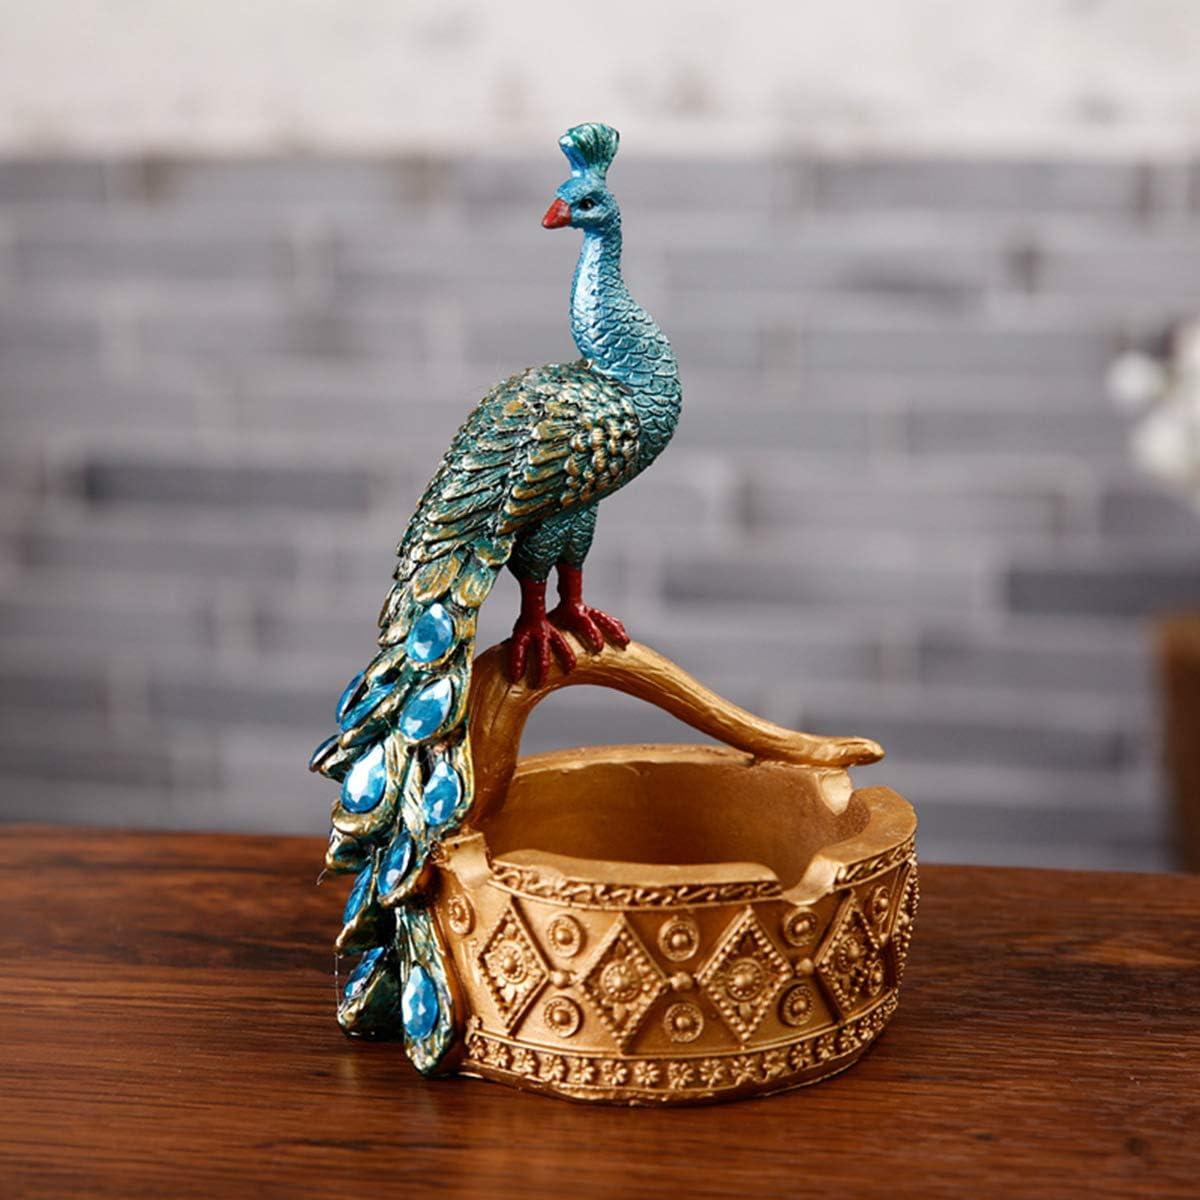 LUSU Decorativos Figuras Salon Candelabros De Jardin Exterior Miniatura Personalidad Vintage Cenicero Creativo Pavo Real Resina Artesanía: Amazon.es: Hogar